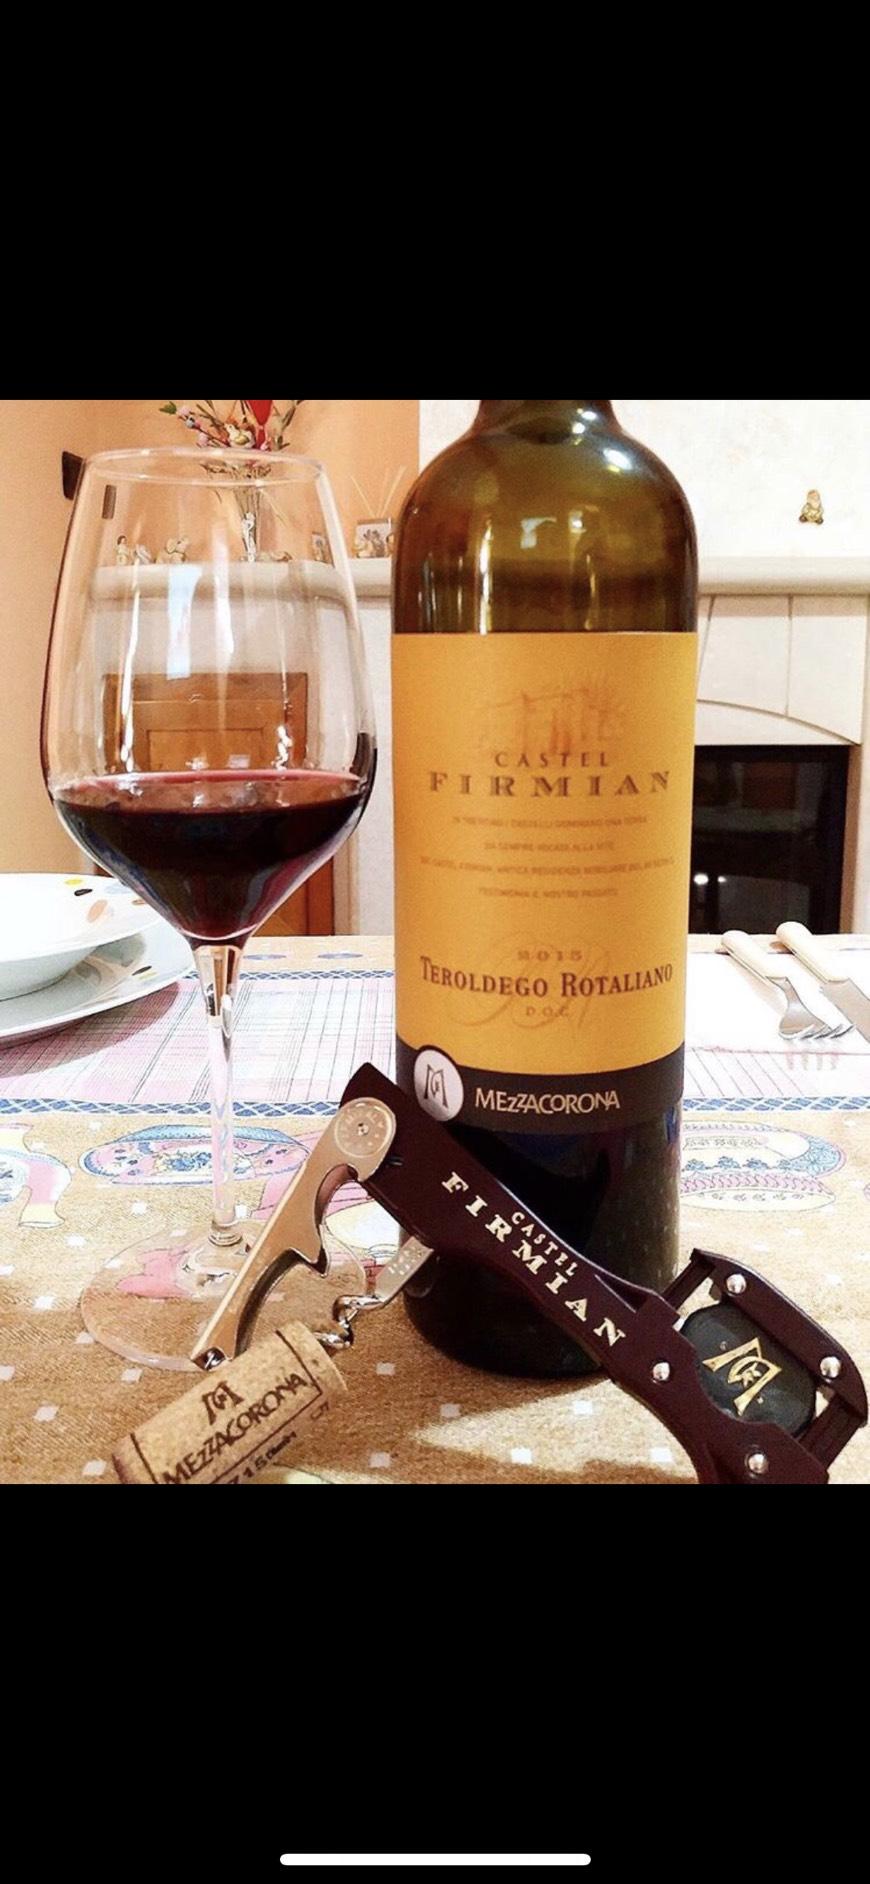 Rượu Vang Đỏ Castel Firmian Teroldego Rotaliano có màu đỏ ruby với sắc tím. Mũi có một bó hoa phong phú và bao bọc